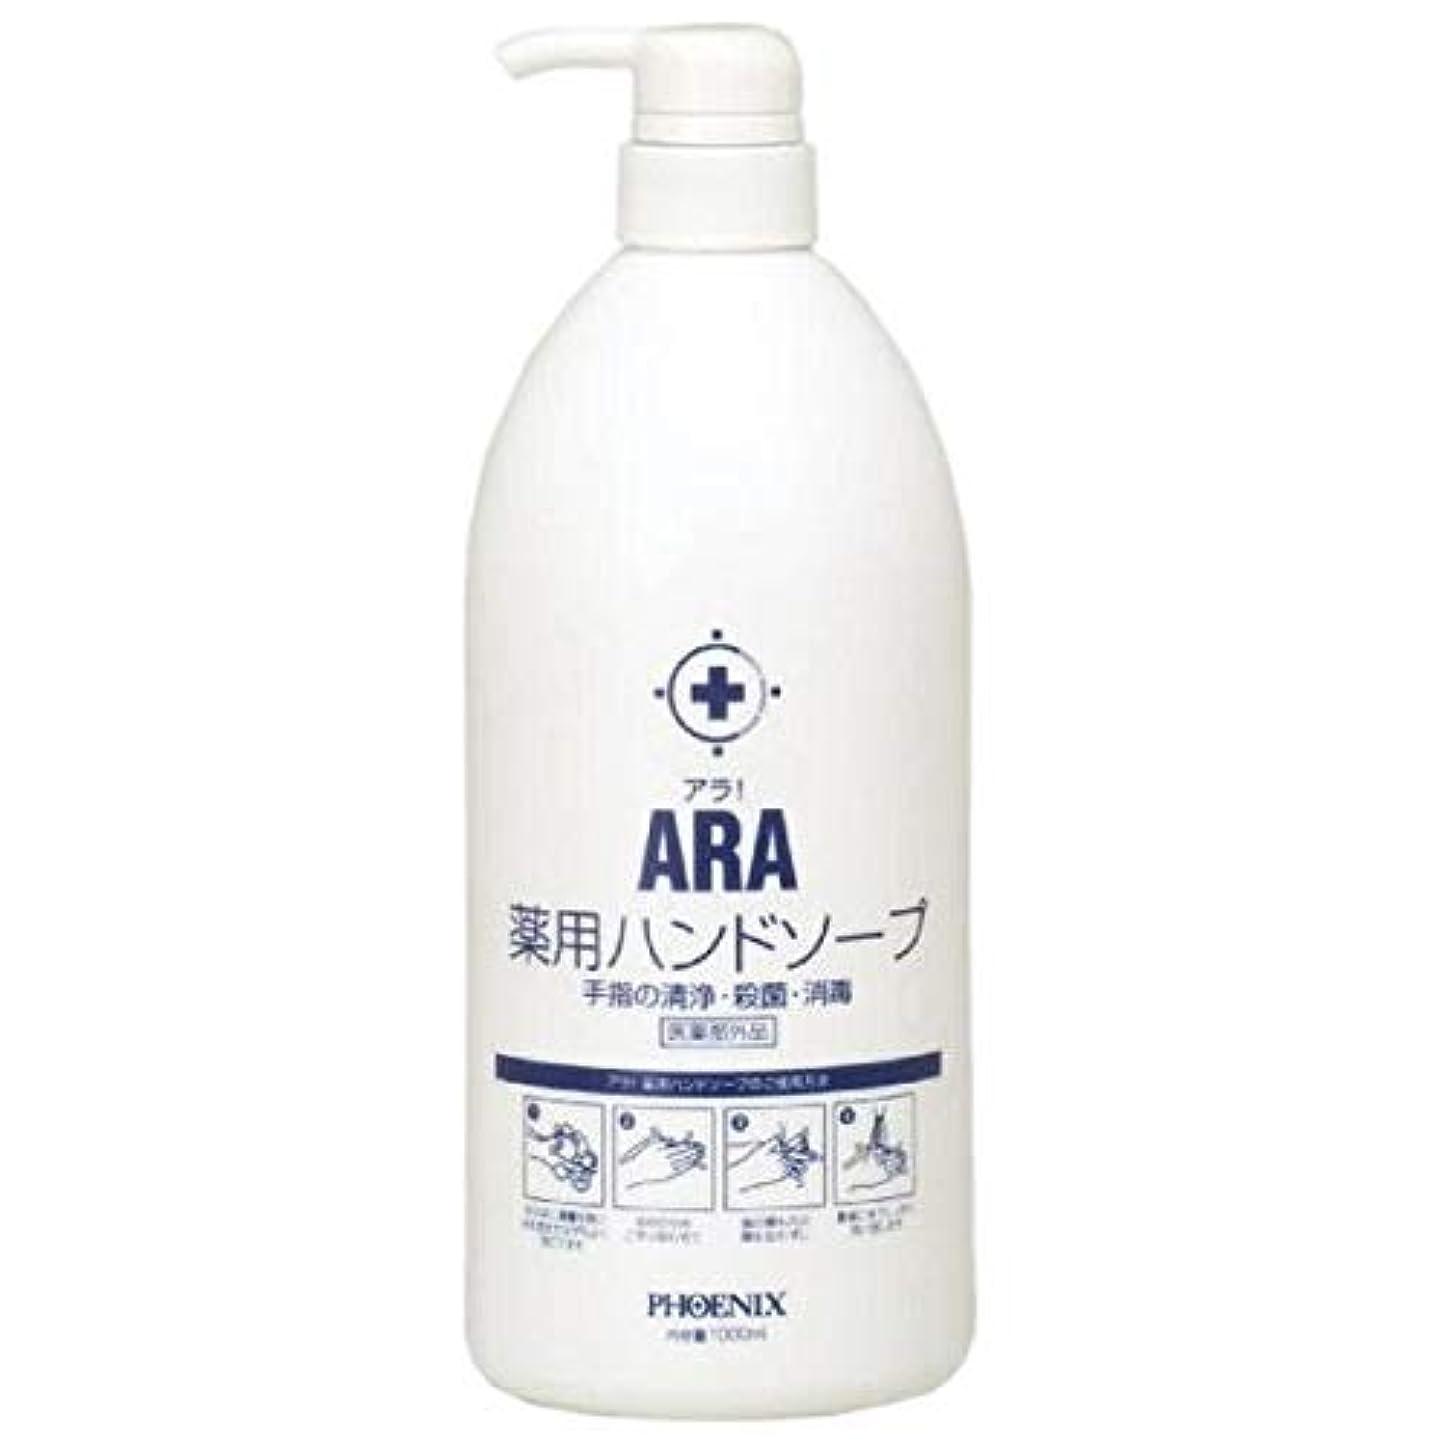 ディベート解くすぐにARA 薬用ハンドソープ(ボトルタイプ) 1000ml×10本入